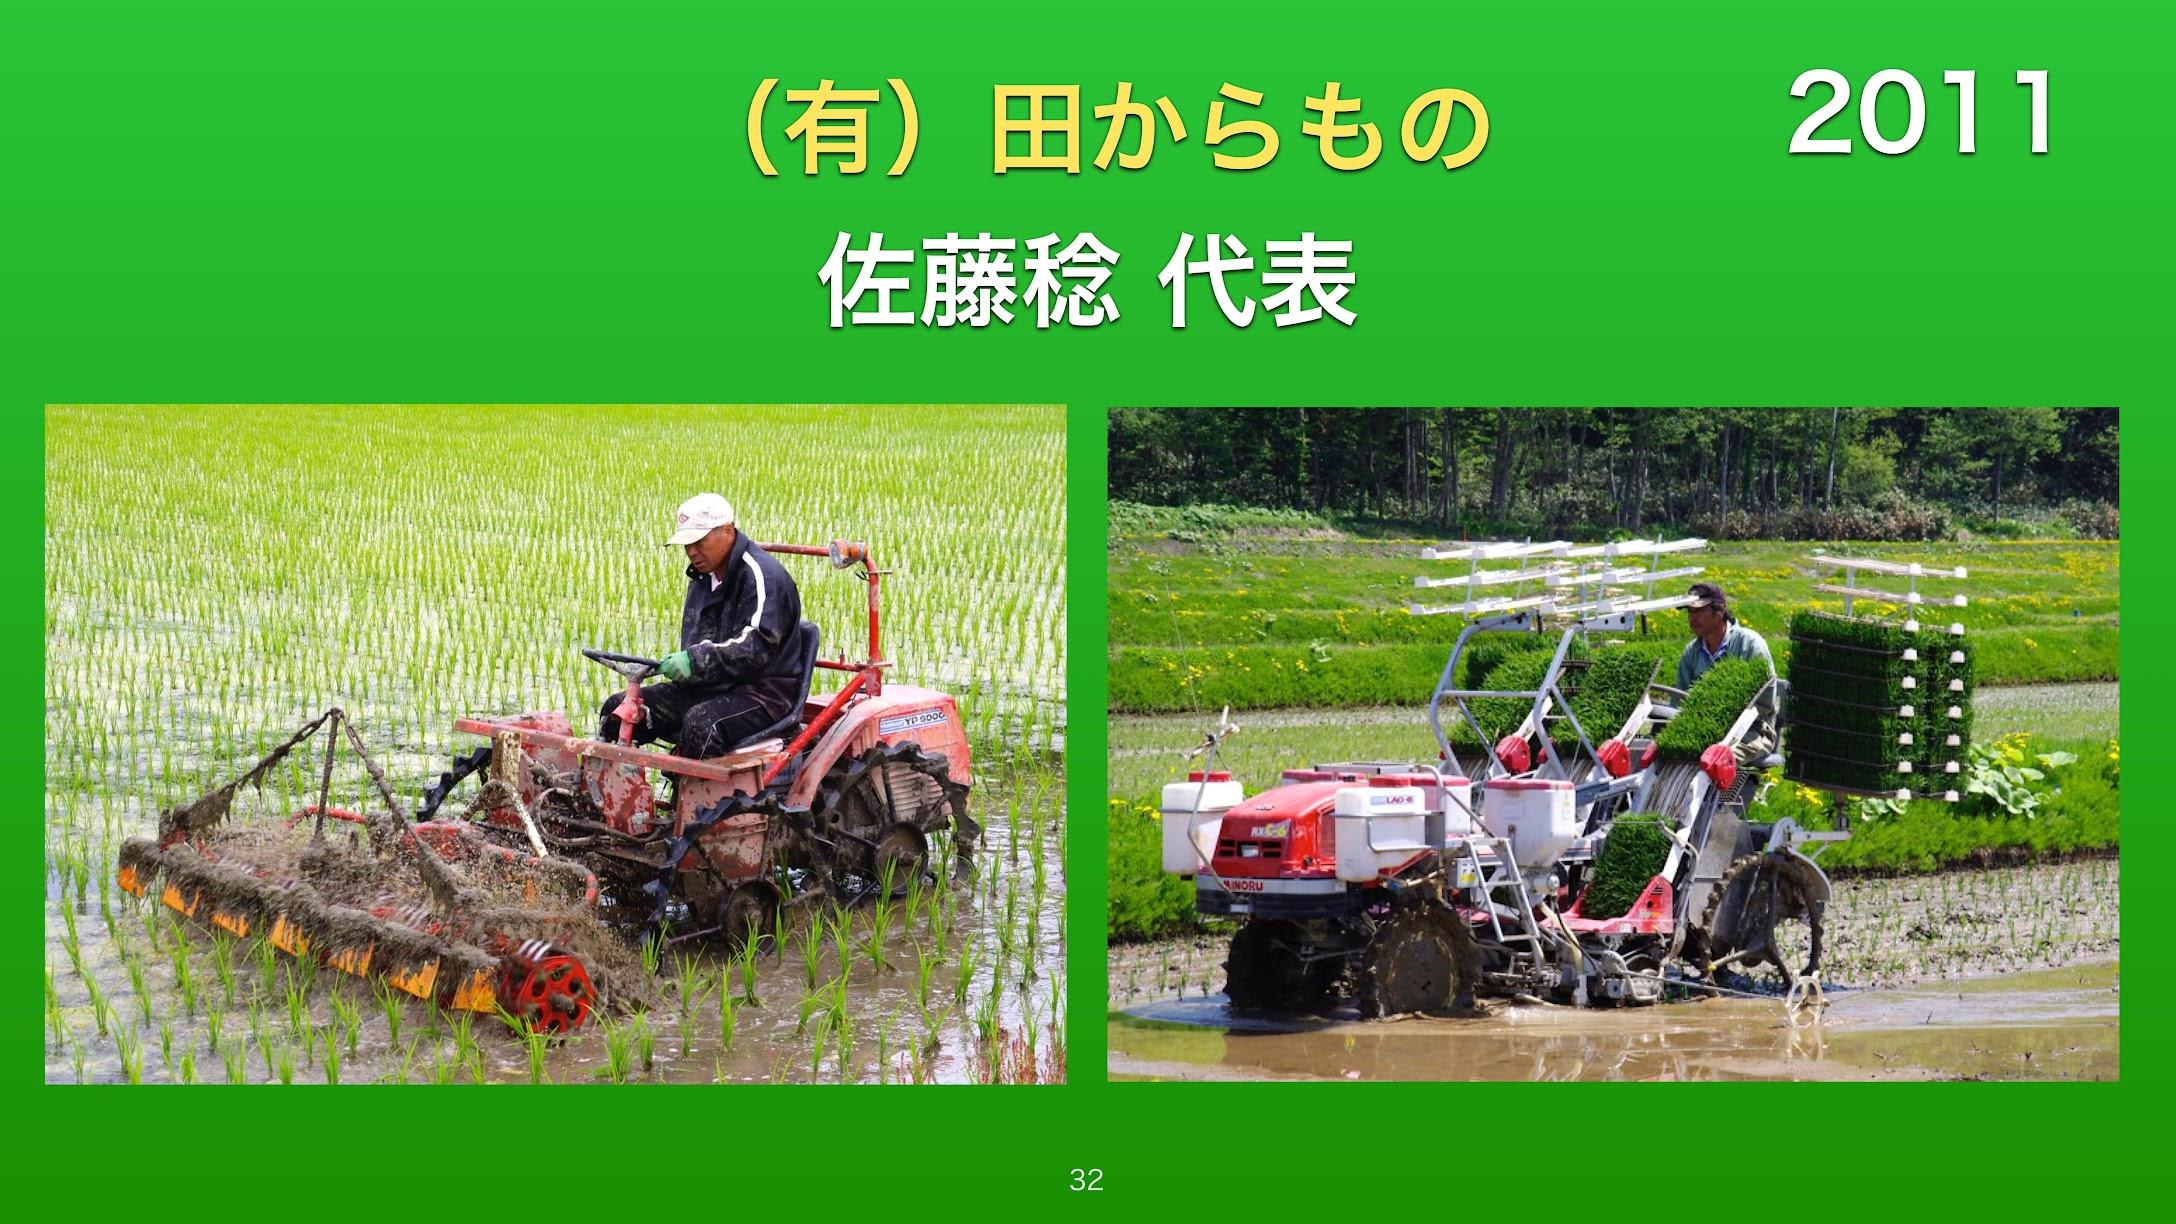 (有)田からもの・佐藤稔代表